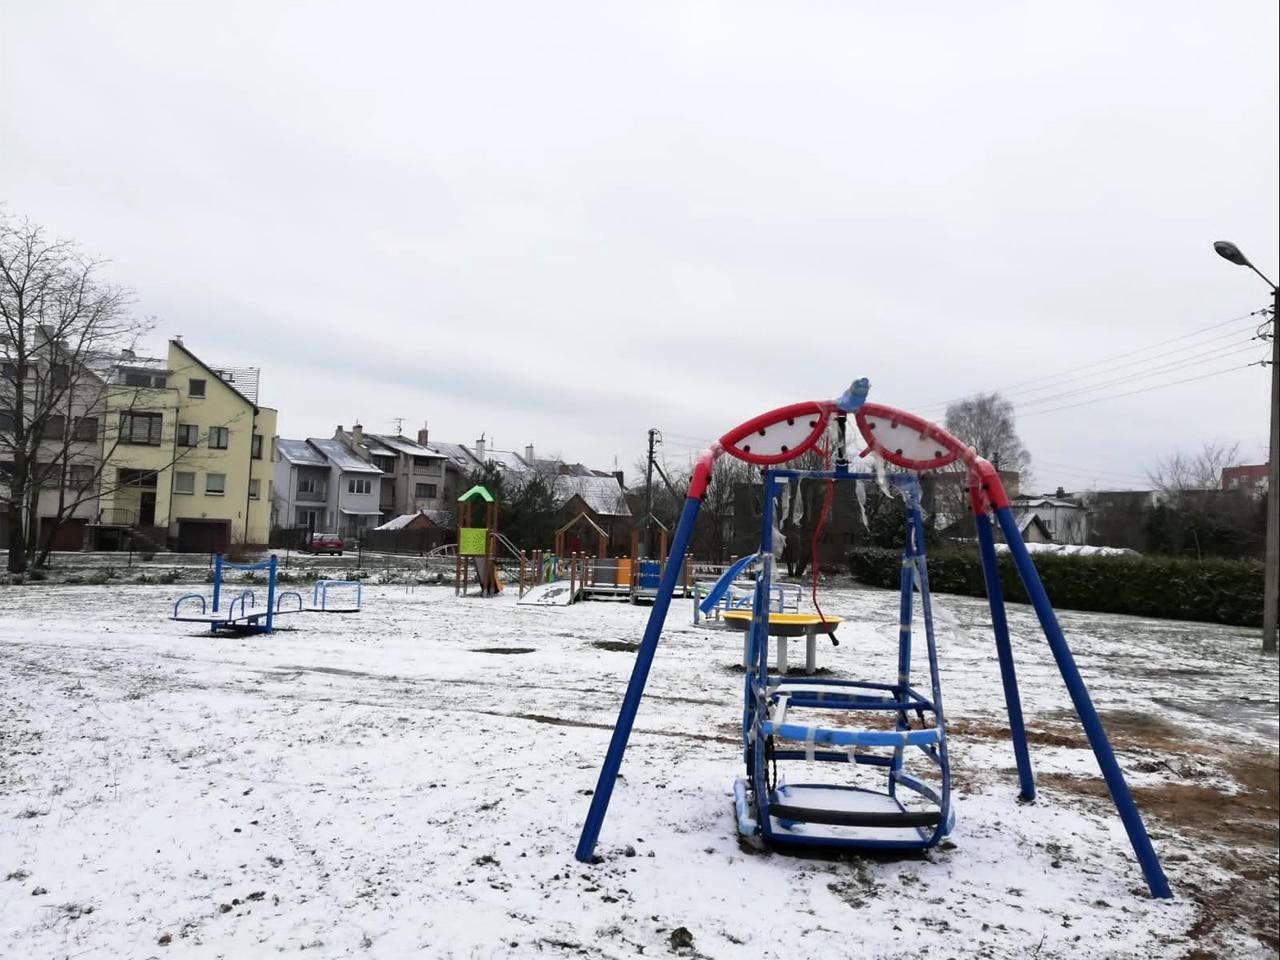 Inklusionsspielplatz Kaunas nach dem Aufstellen der Spielgeräte m Frühjahr